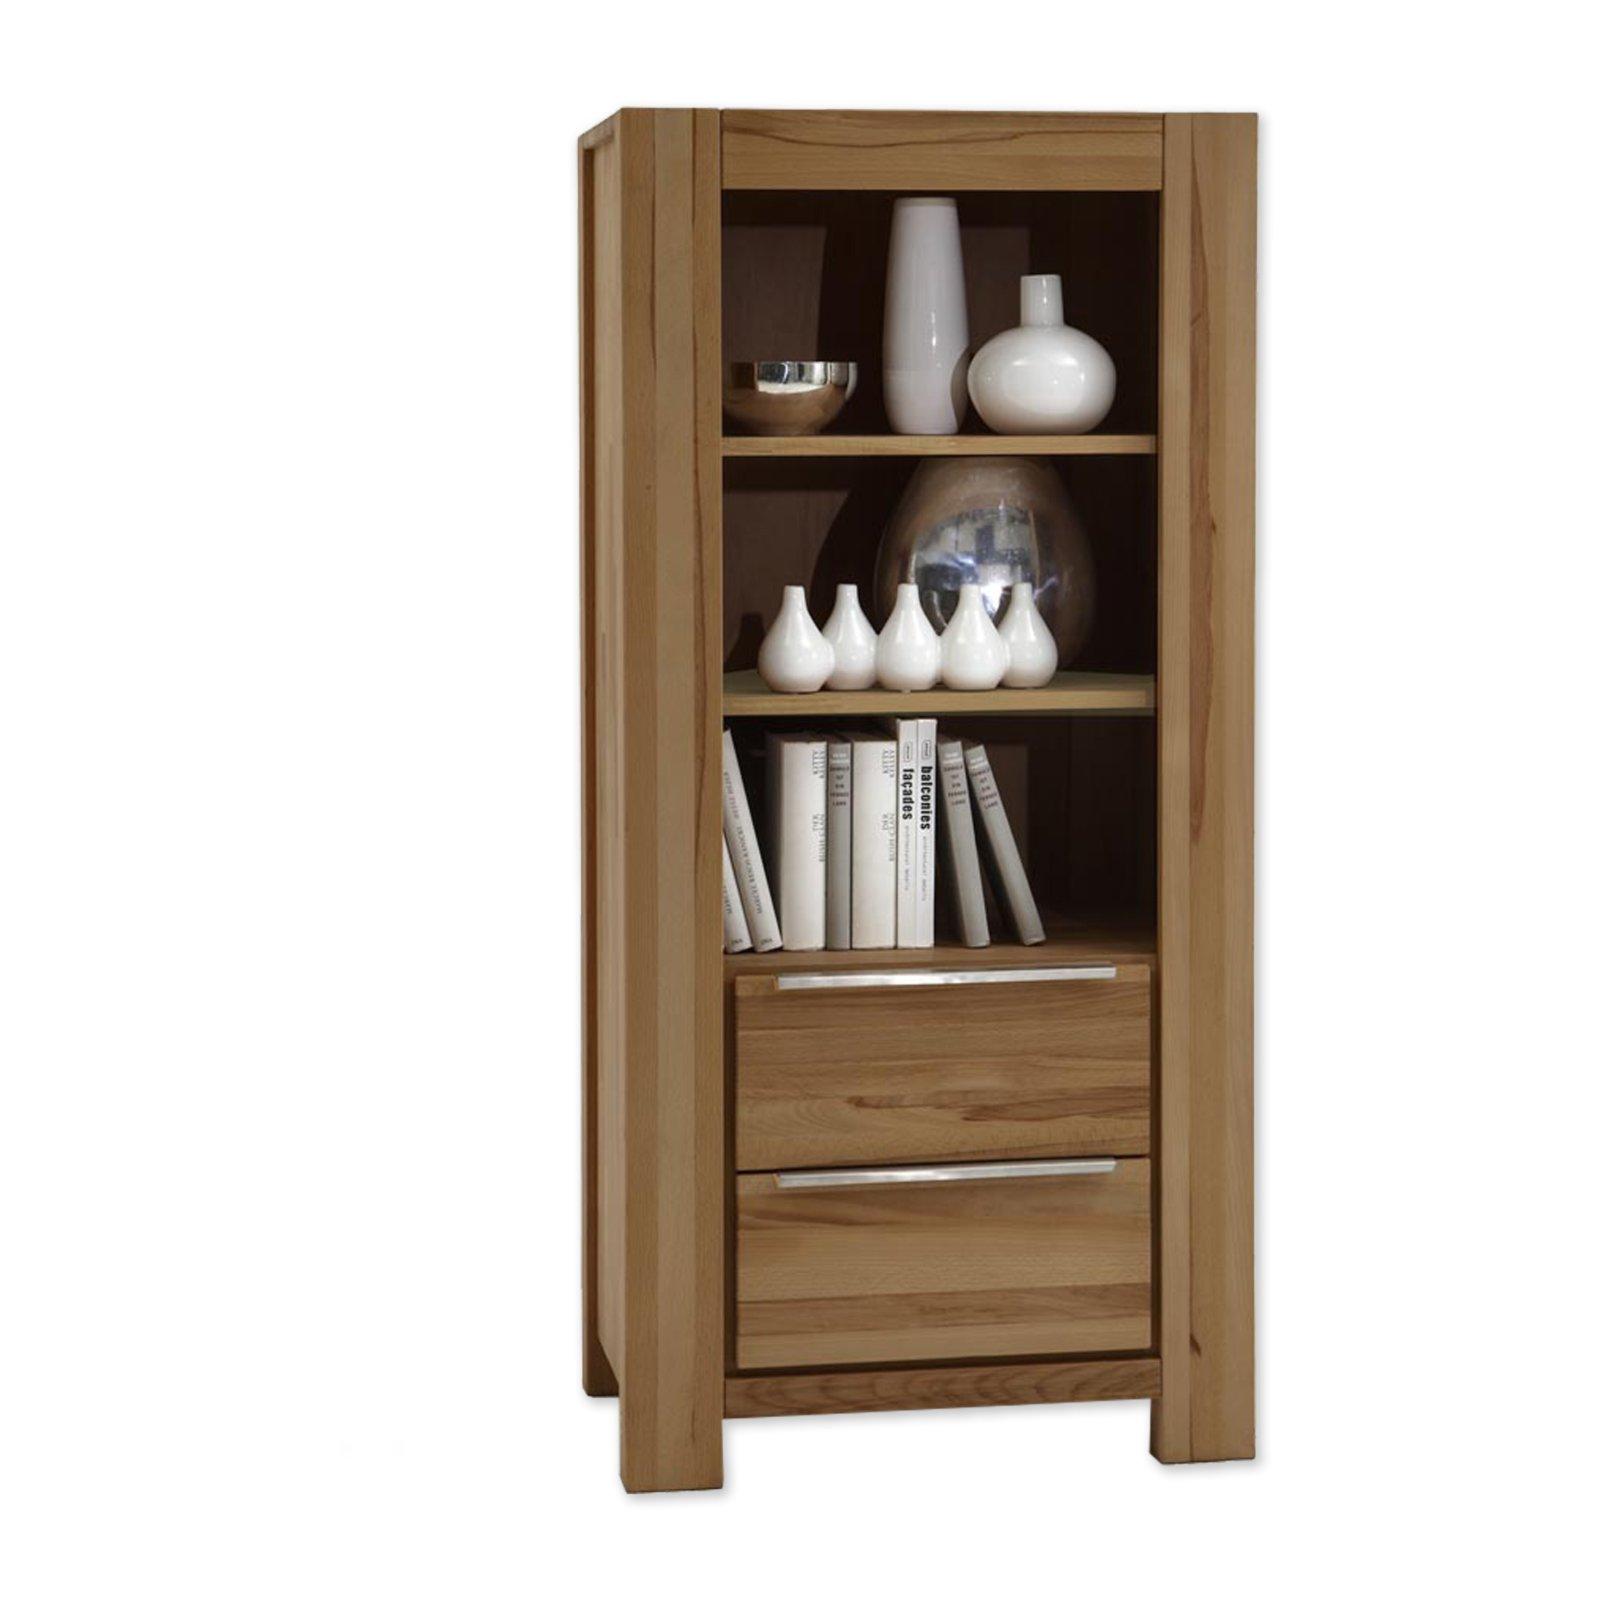 regal nena wildeiche massiv 66 cm wohnprogramm nena wohnprogramme wohnzimmer. Black Bedroom Furniture Sets. Home Design Ideas